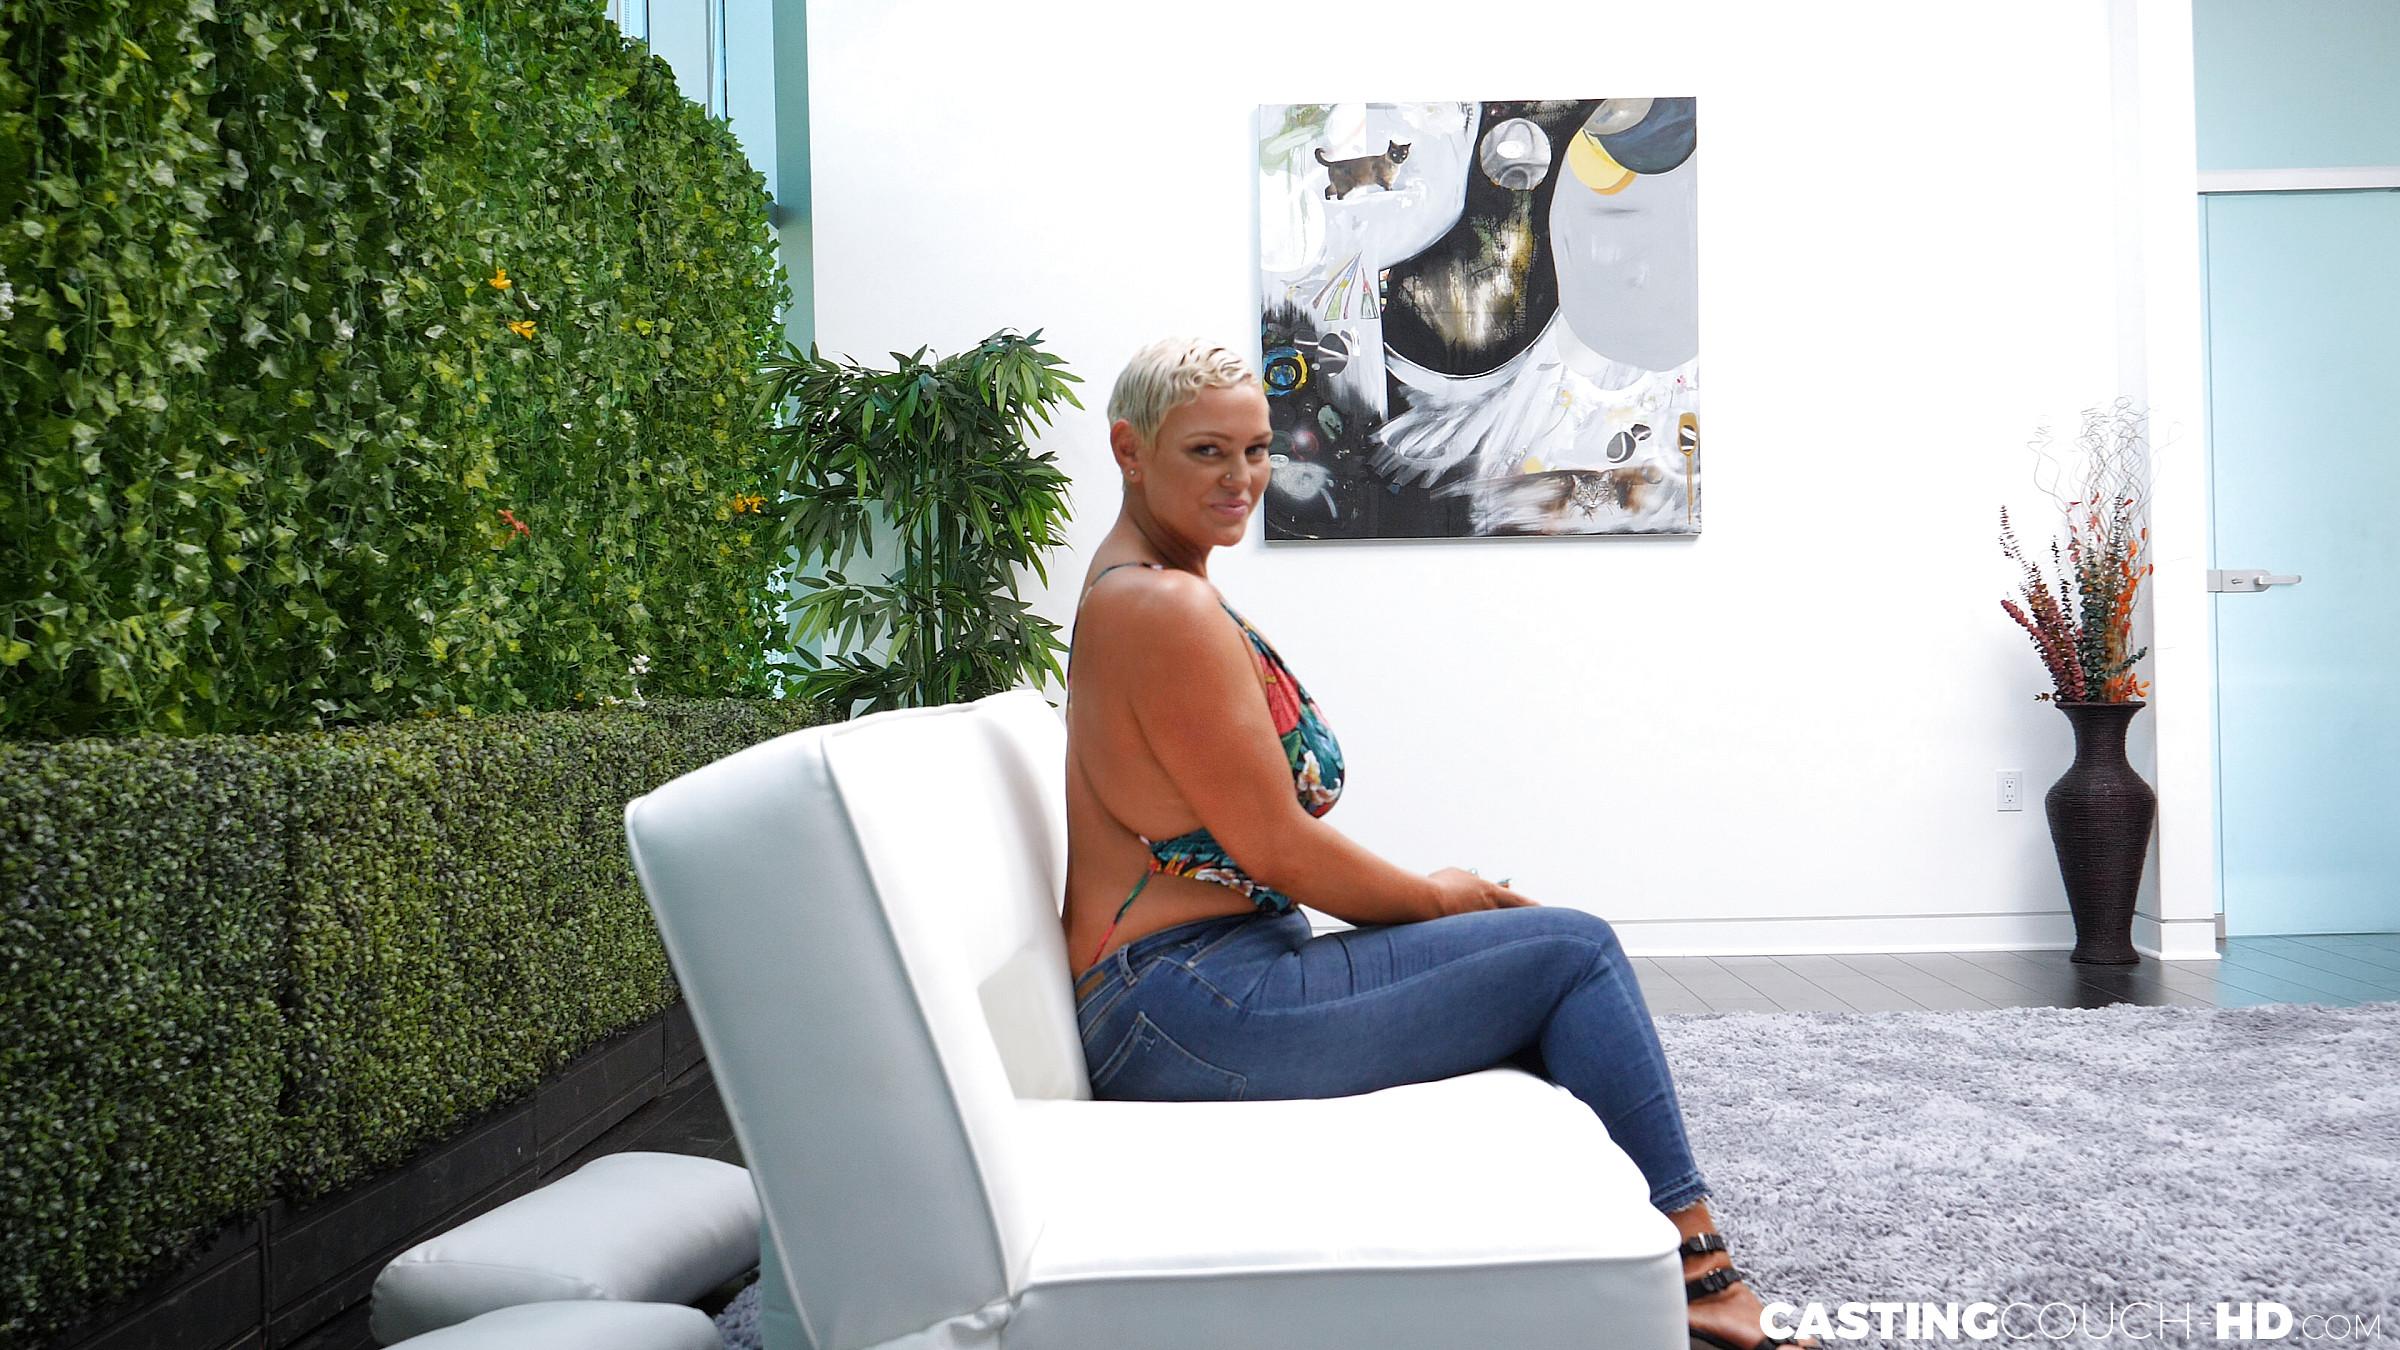 Sara  CastingCouchHDcom  Thick MILF With Perfect Big Ass